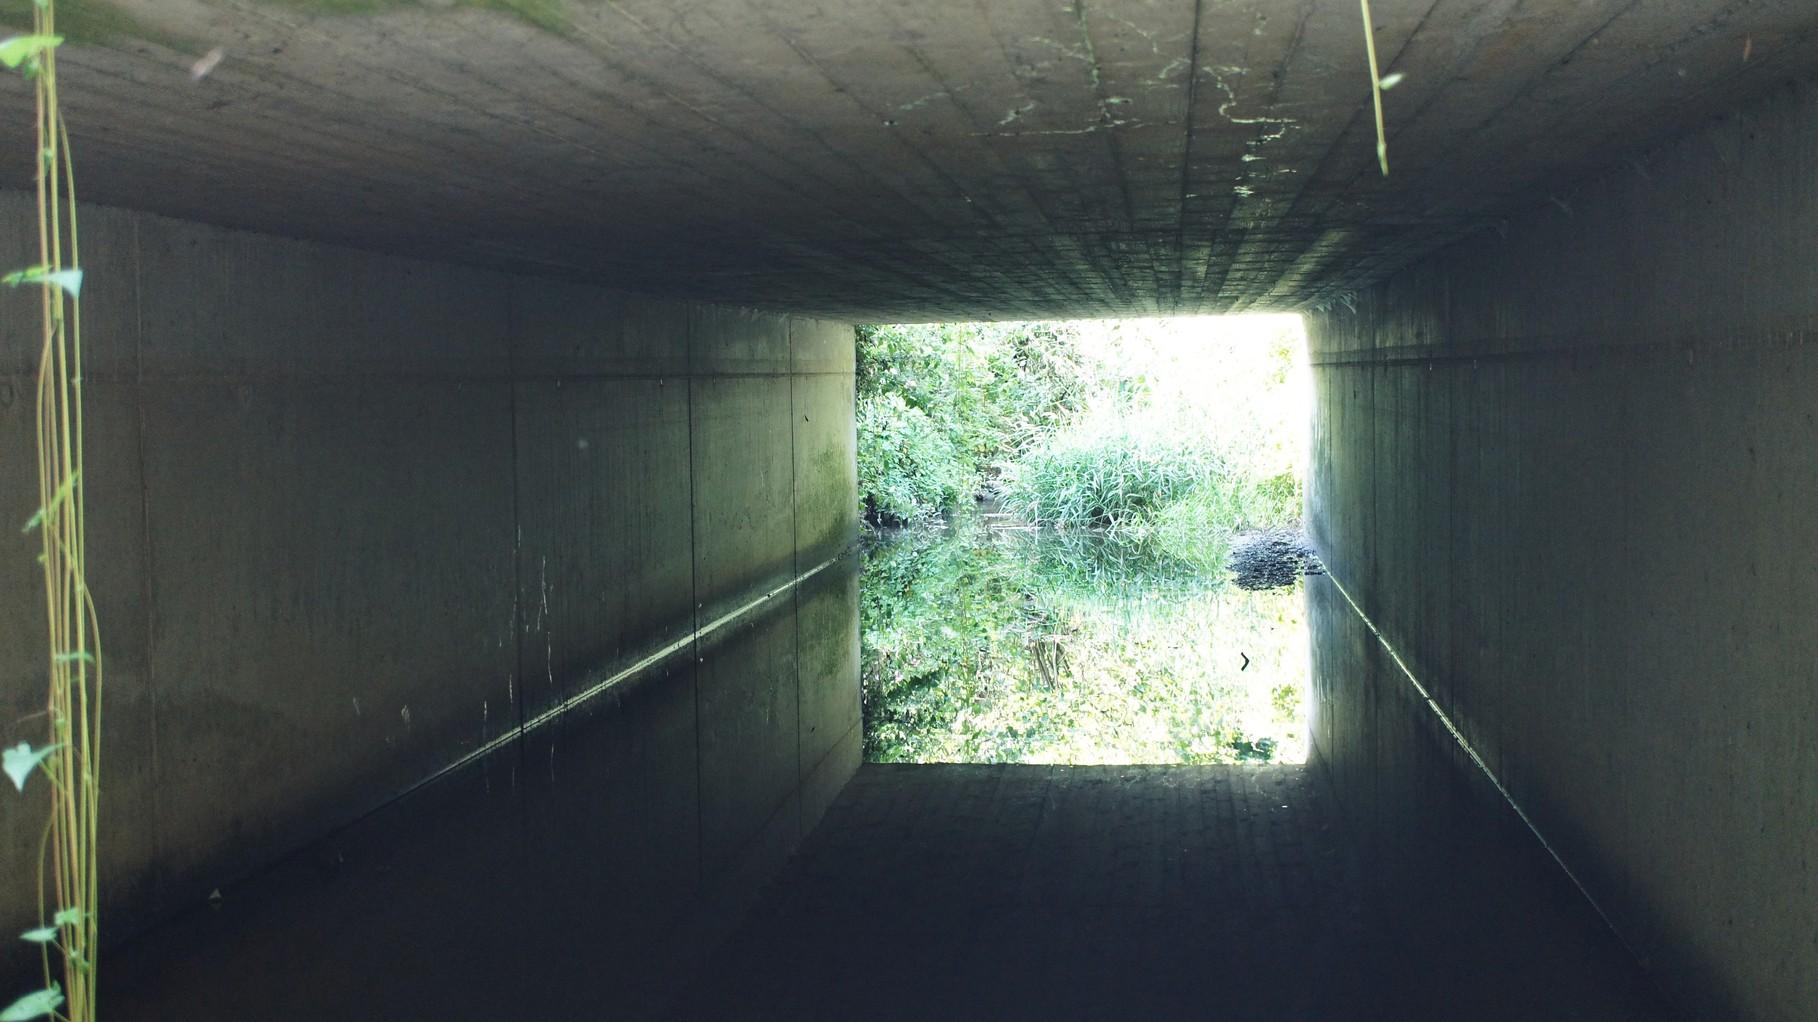 Betonbrücken hingegen bieten keinerlei Nistmöglichkeiten / Foto: D.Singer